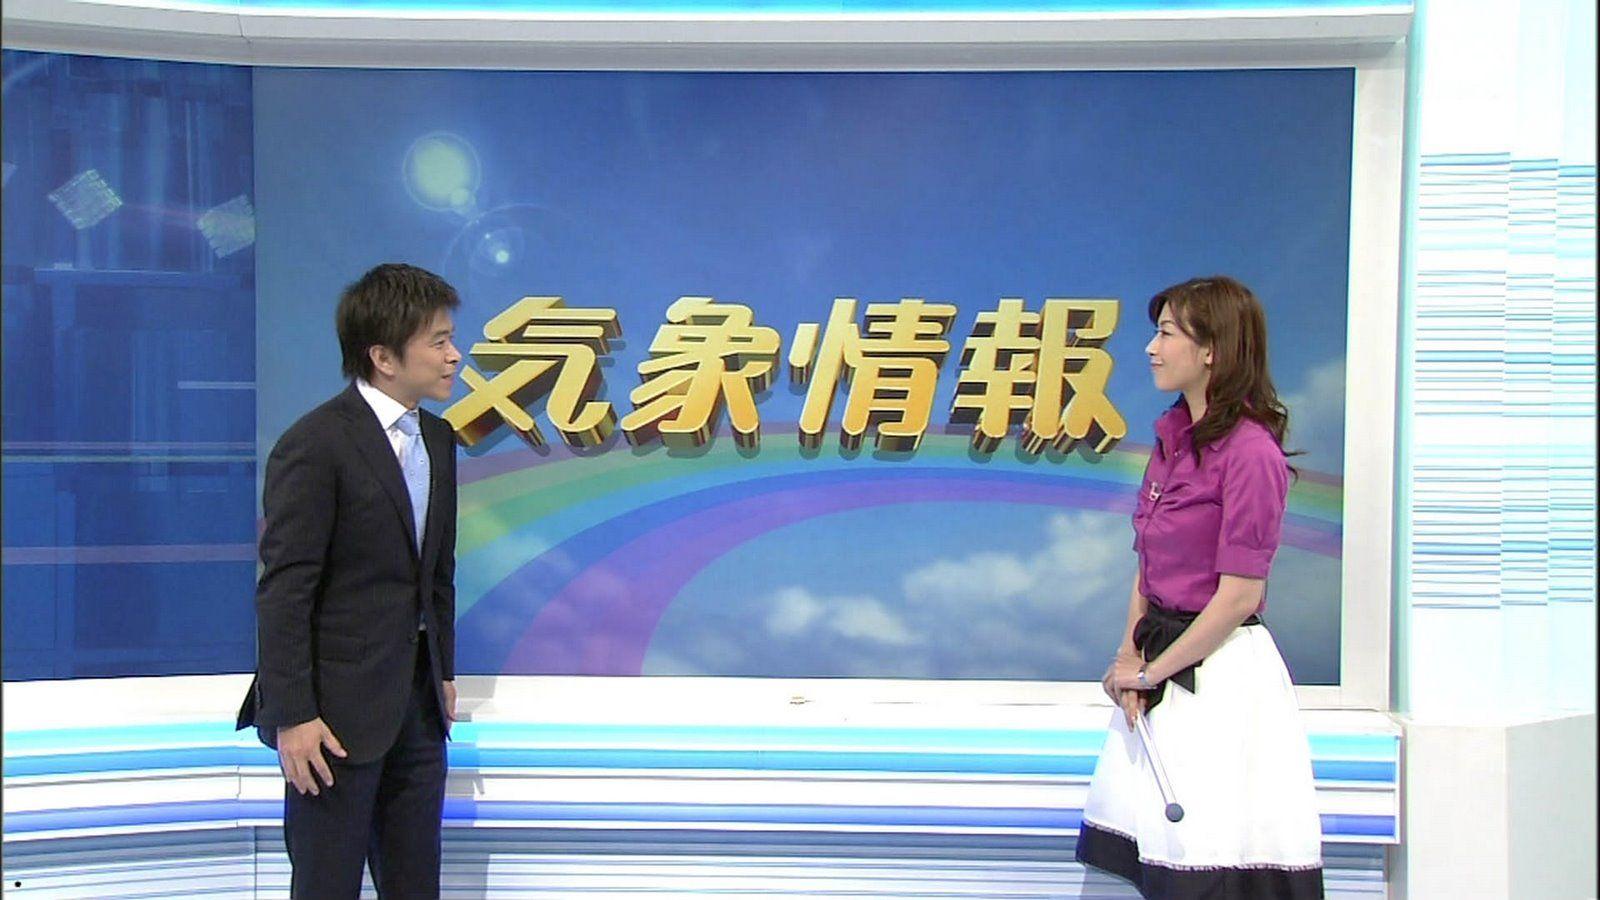 HDTV_090608nhk_03.jpg (image)